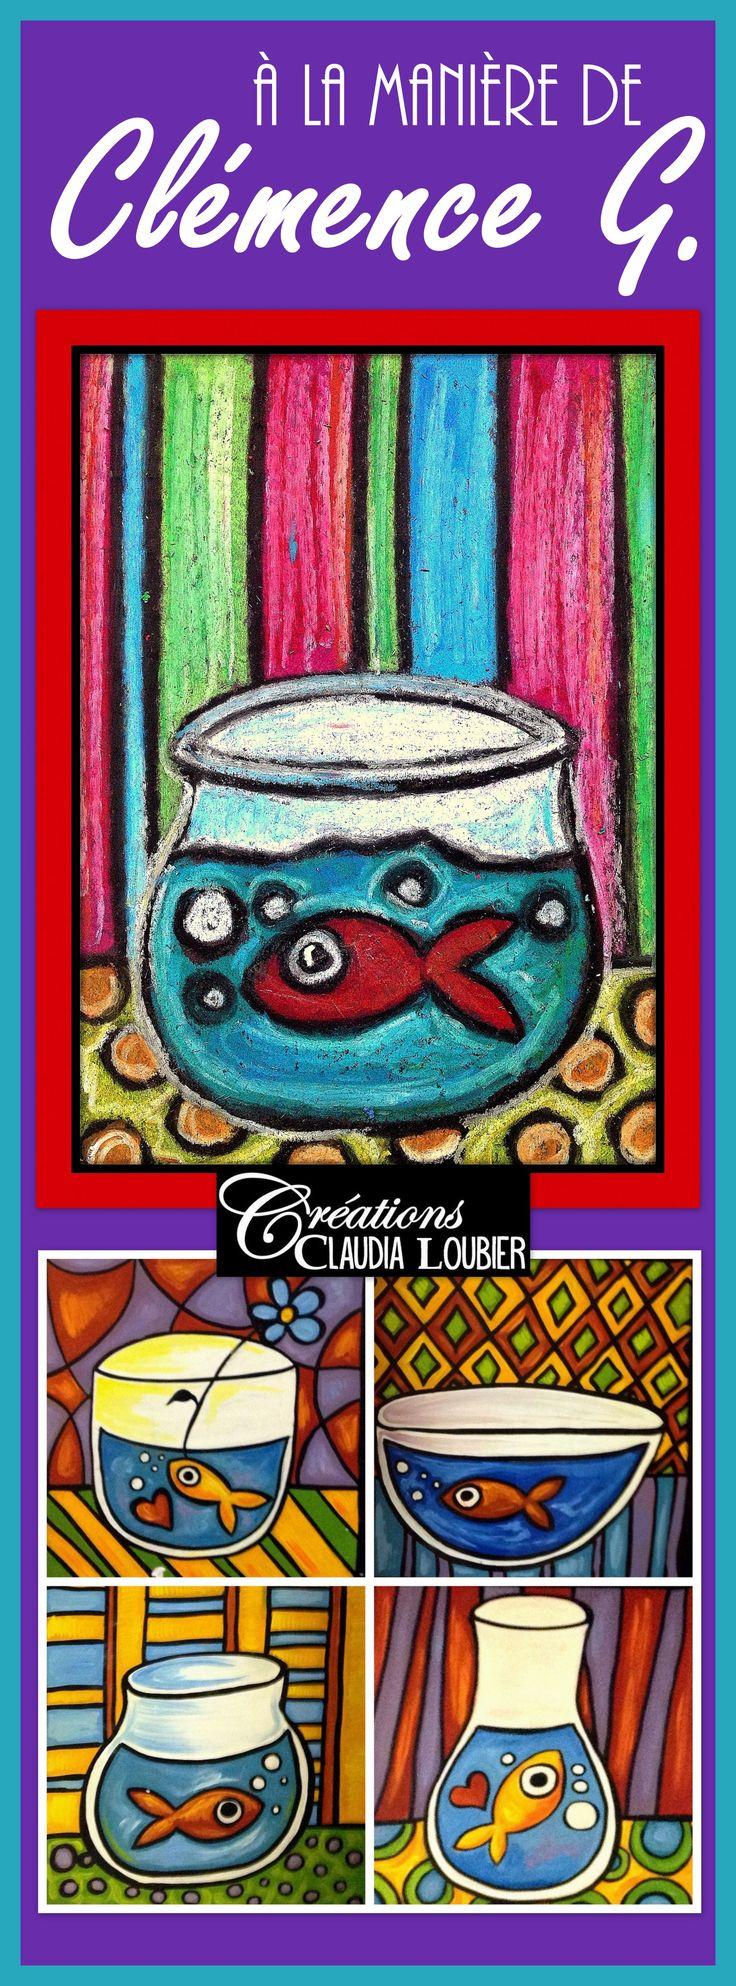 Dans ce projet d'arts plastiques, nous travaillerons avec les pastels à l'huile, pour créer une oeuvre en lien avec le poisson d'avril. Vous aurez aussi besoin de carton construction (noir si possible) et de crayon de cire noir. Très simple, mais magnifique ! Pour tous les niveaux ! Travailler à la manière d'une artiste incroyable: Clémence G. Démarche, photos et grille d'évaluation comprises. Une courte biographie et une oeuvre de Clémence G. incluses dans ce document.